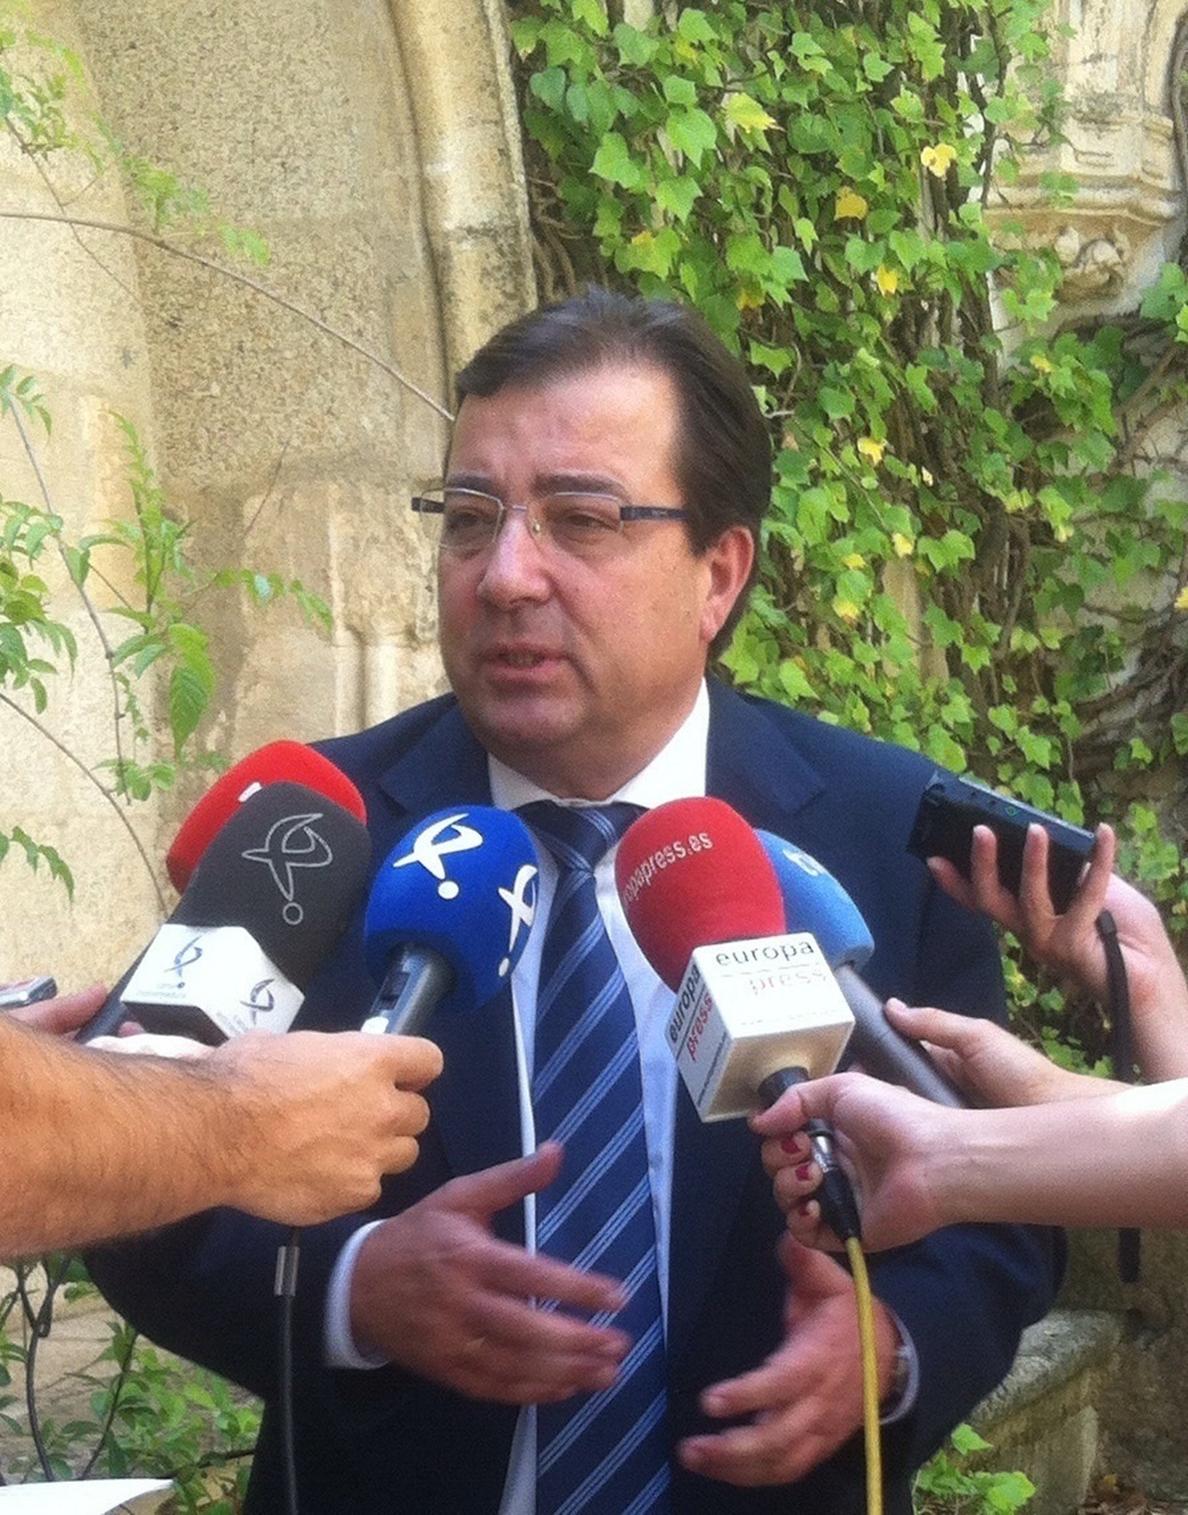 Vara señala que si el TC ordena revisar el recuento de votos nulos en Badajoz «pues habrá que rehacerlo y revisarlo»